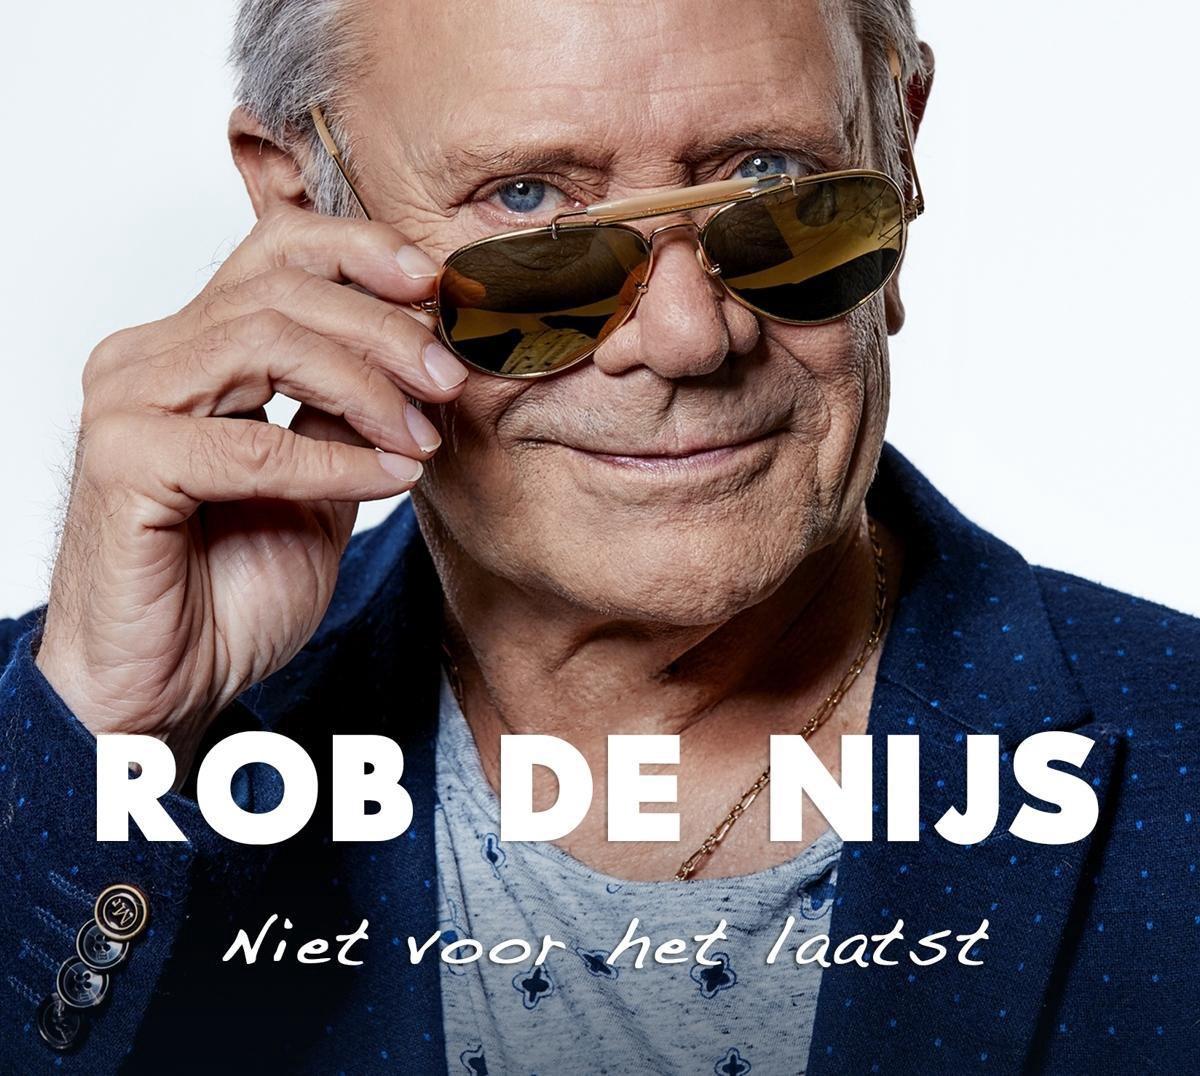 Niet Voor Het Laatst - Rob De Nijs